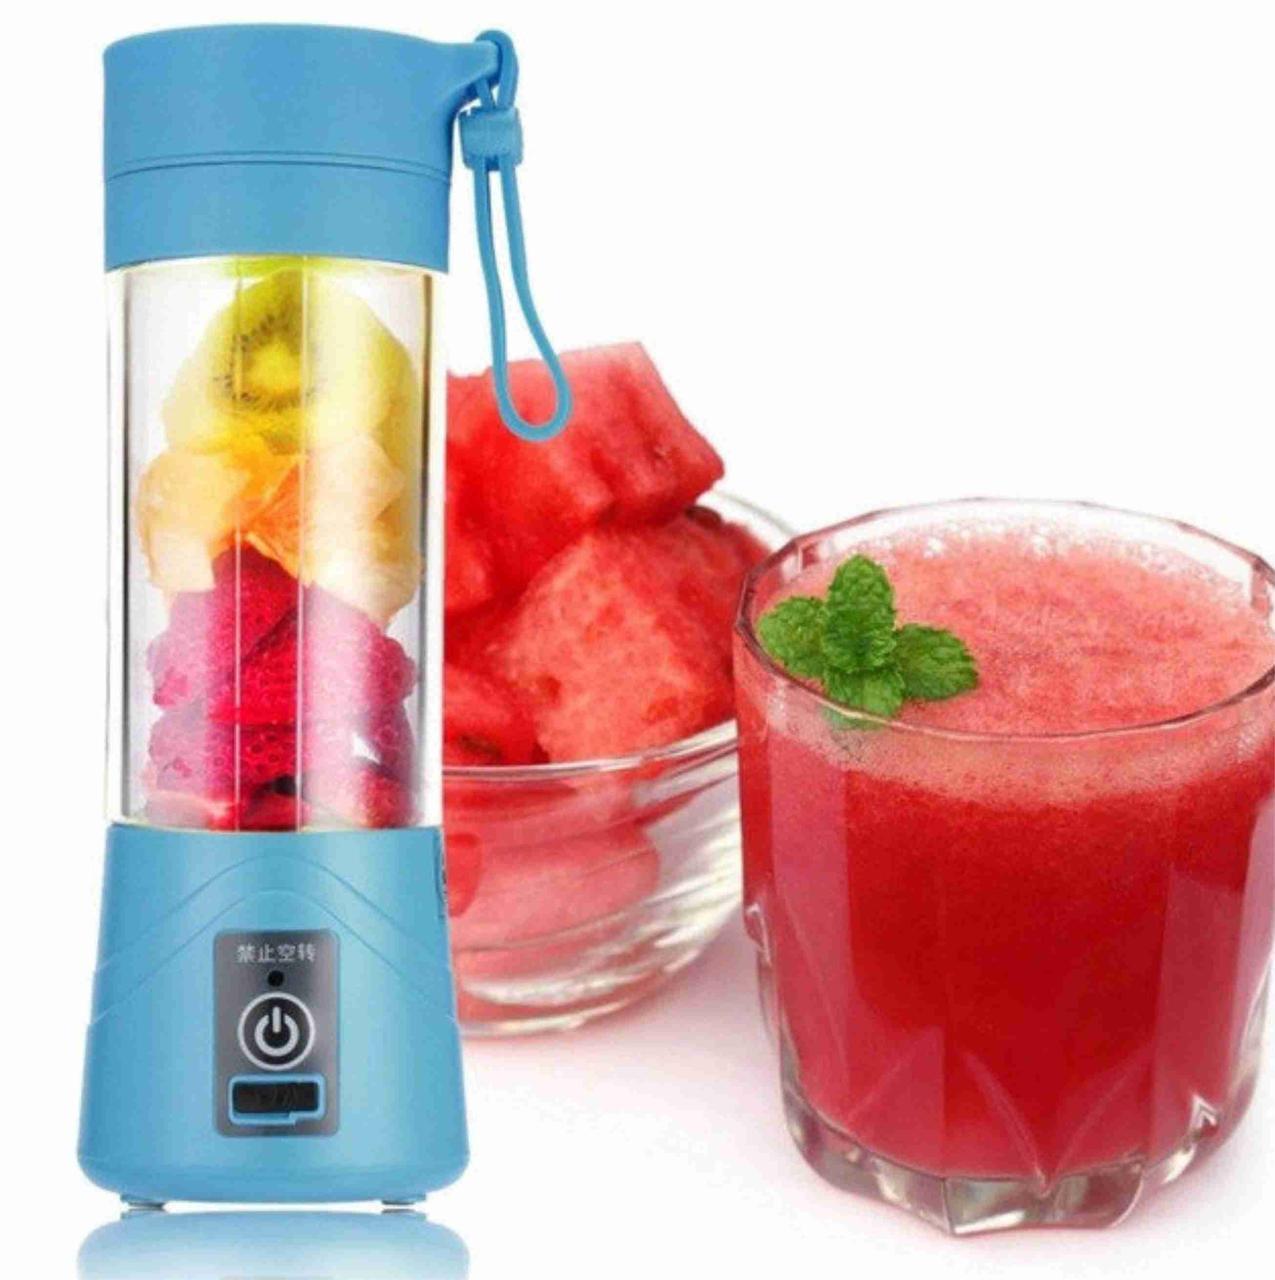 Фитнес-блендер Smart Juice Cup Fruits синий. Компактный портативный блендер с зарядкой от USB